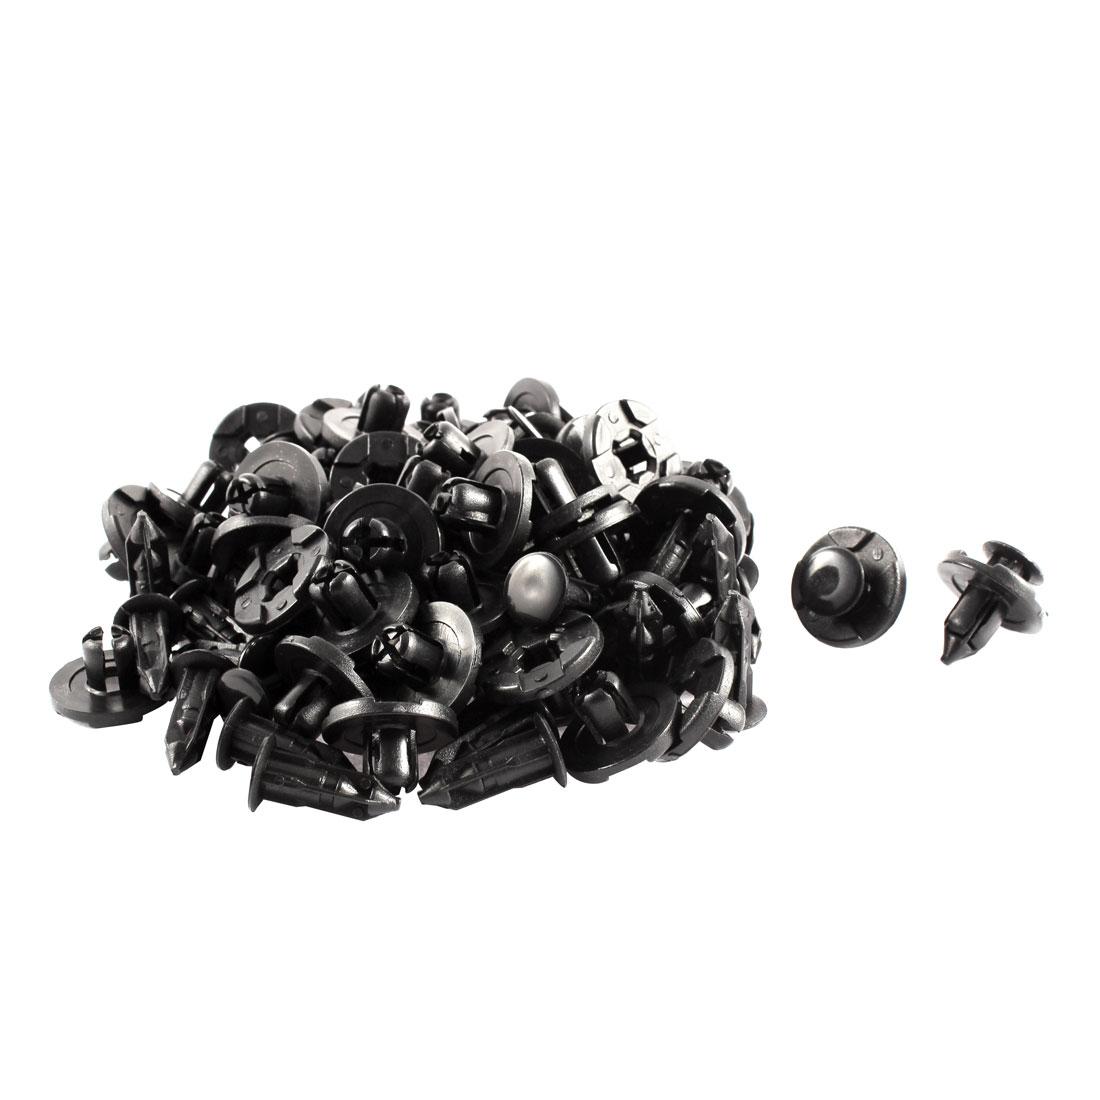 50 Pcs Black Plastic Radiator Cap Car Rivets Bumper Fender Push Clips 8mm Hole Dia